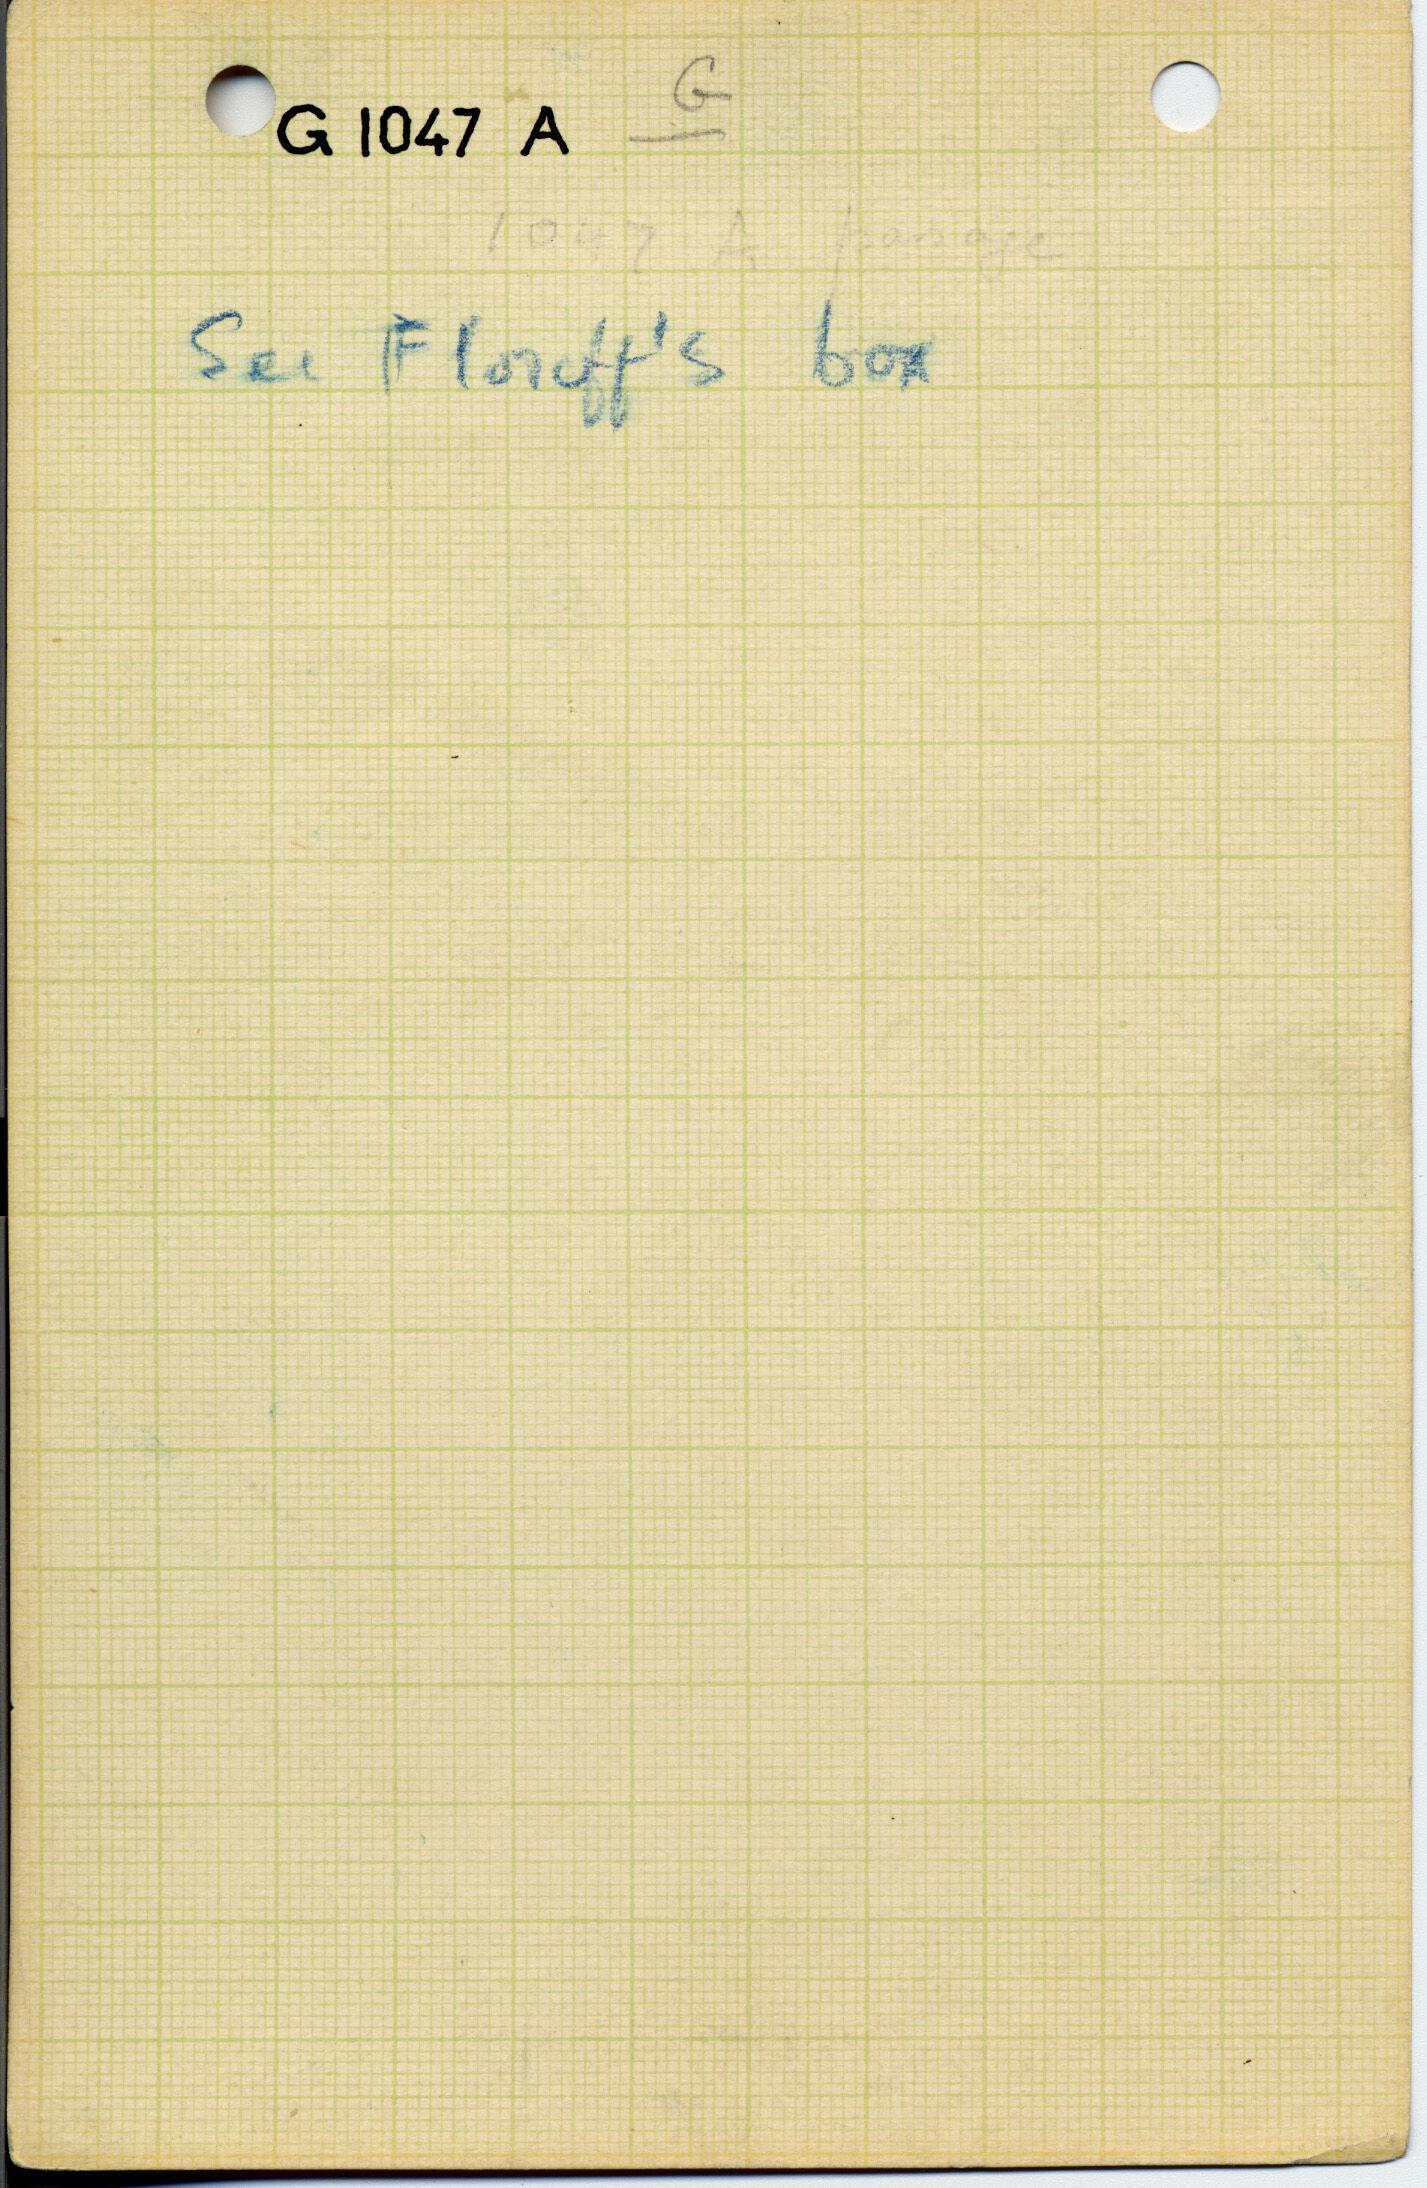 Notes: G 1047, Shaft A